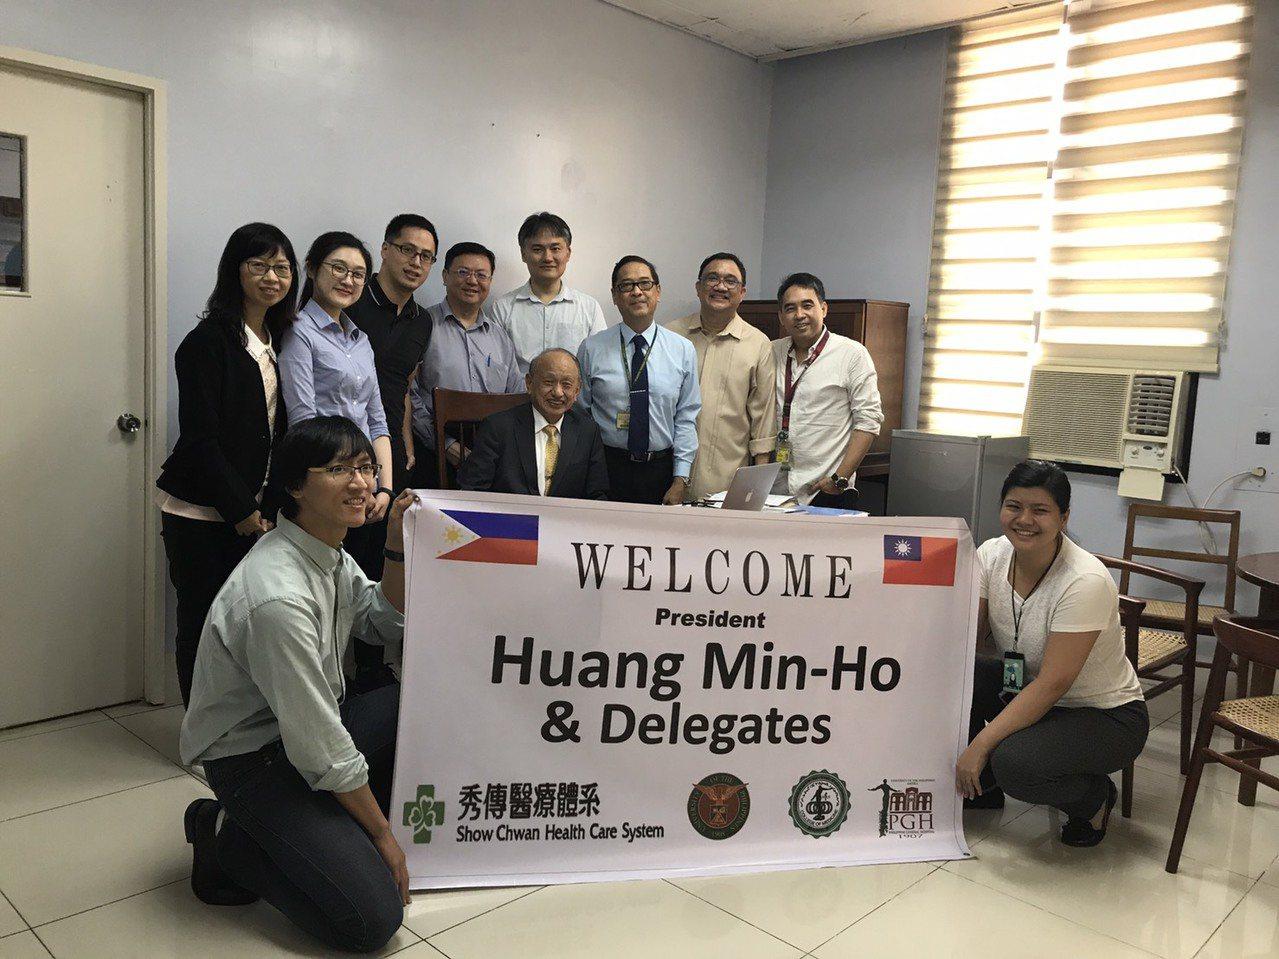 秀傳醫療體系總裁黃明和(中間坐者)今年1月帶領秀傳神經內外科醫療小組前往菲律賓總...